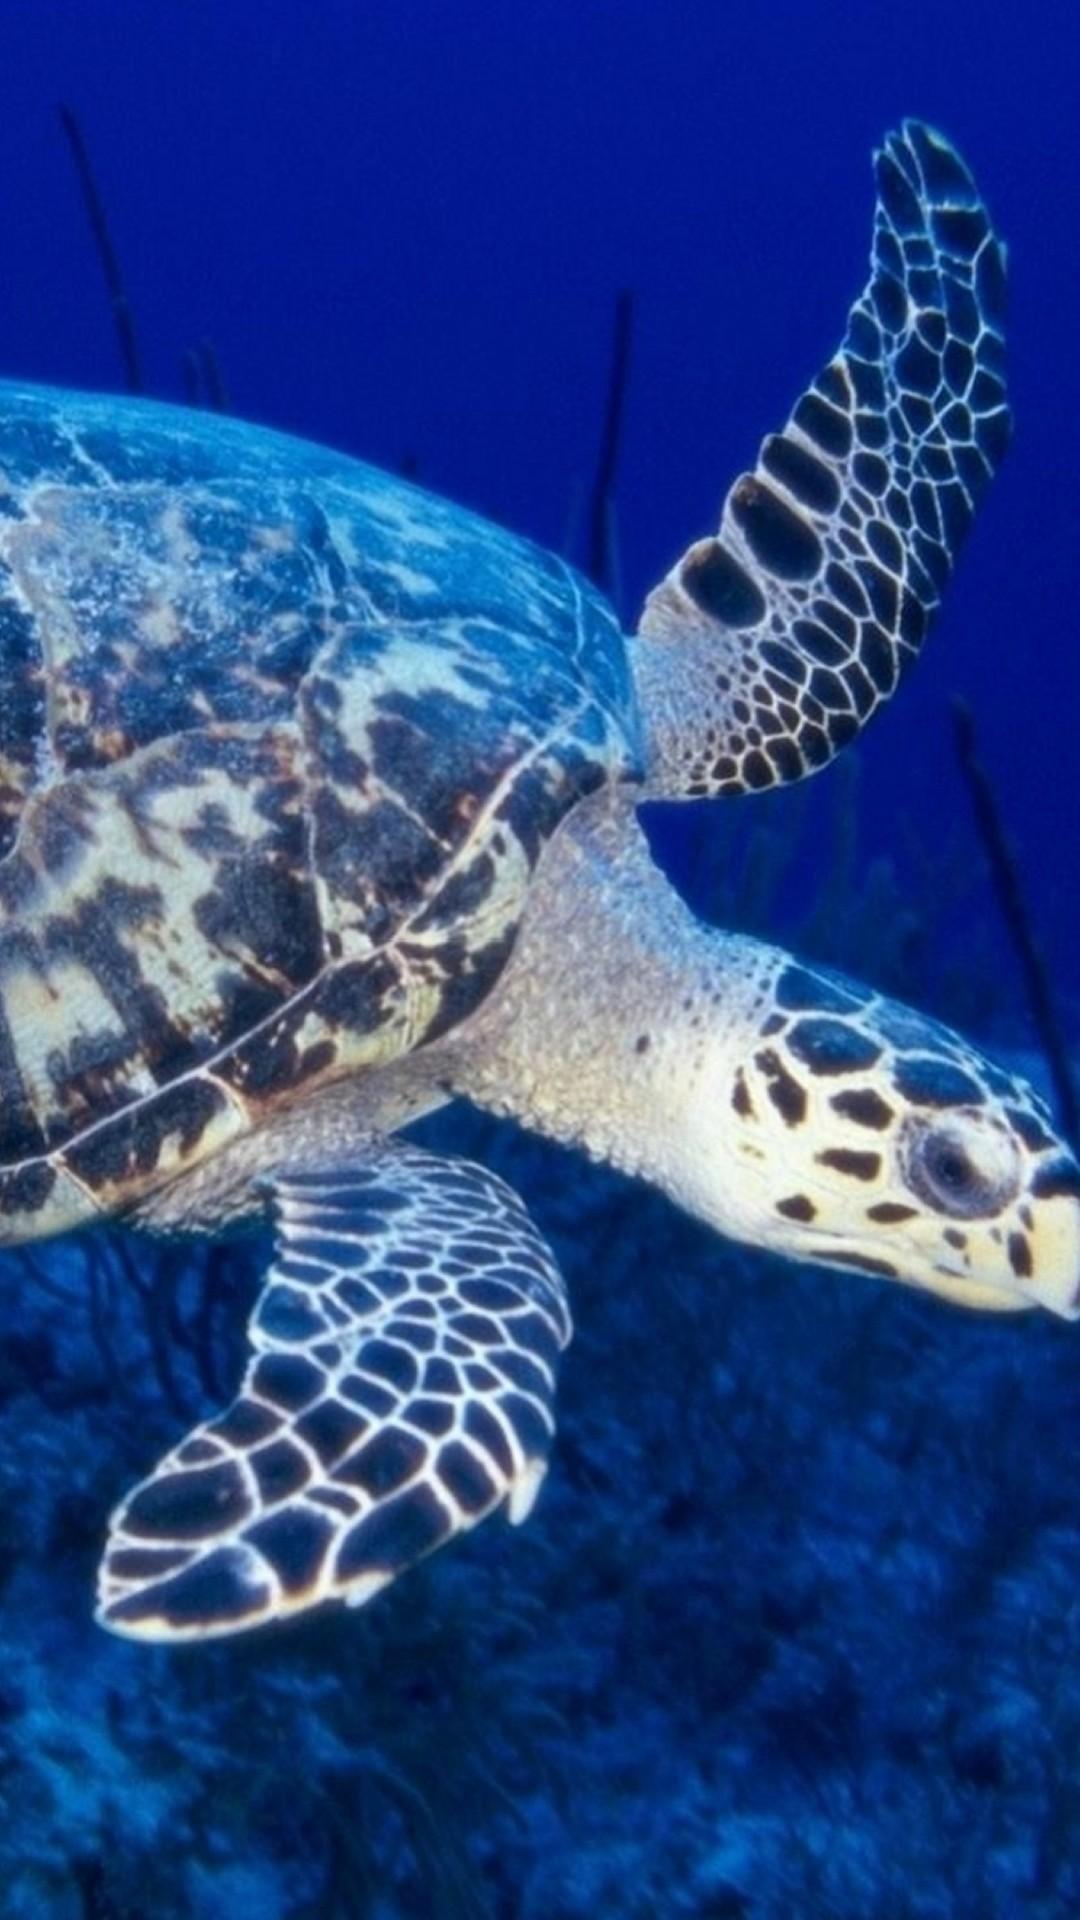 Turtle hd wallpaper